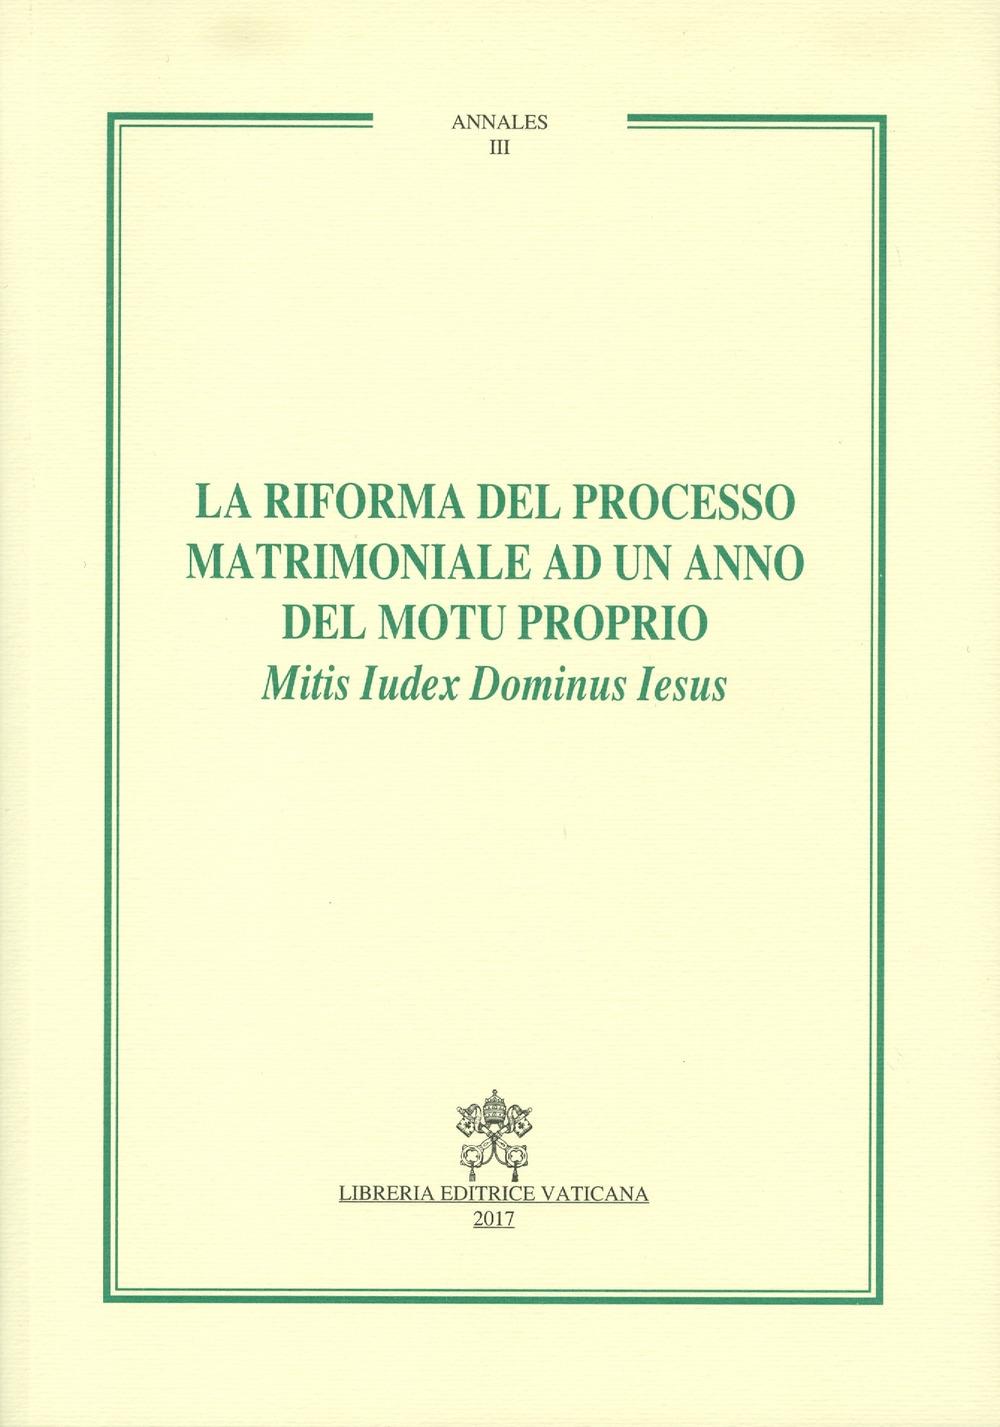 La riforma del processo matrimoniale ad un anno del motu proprio Mitis Iudex Dominus Iesus